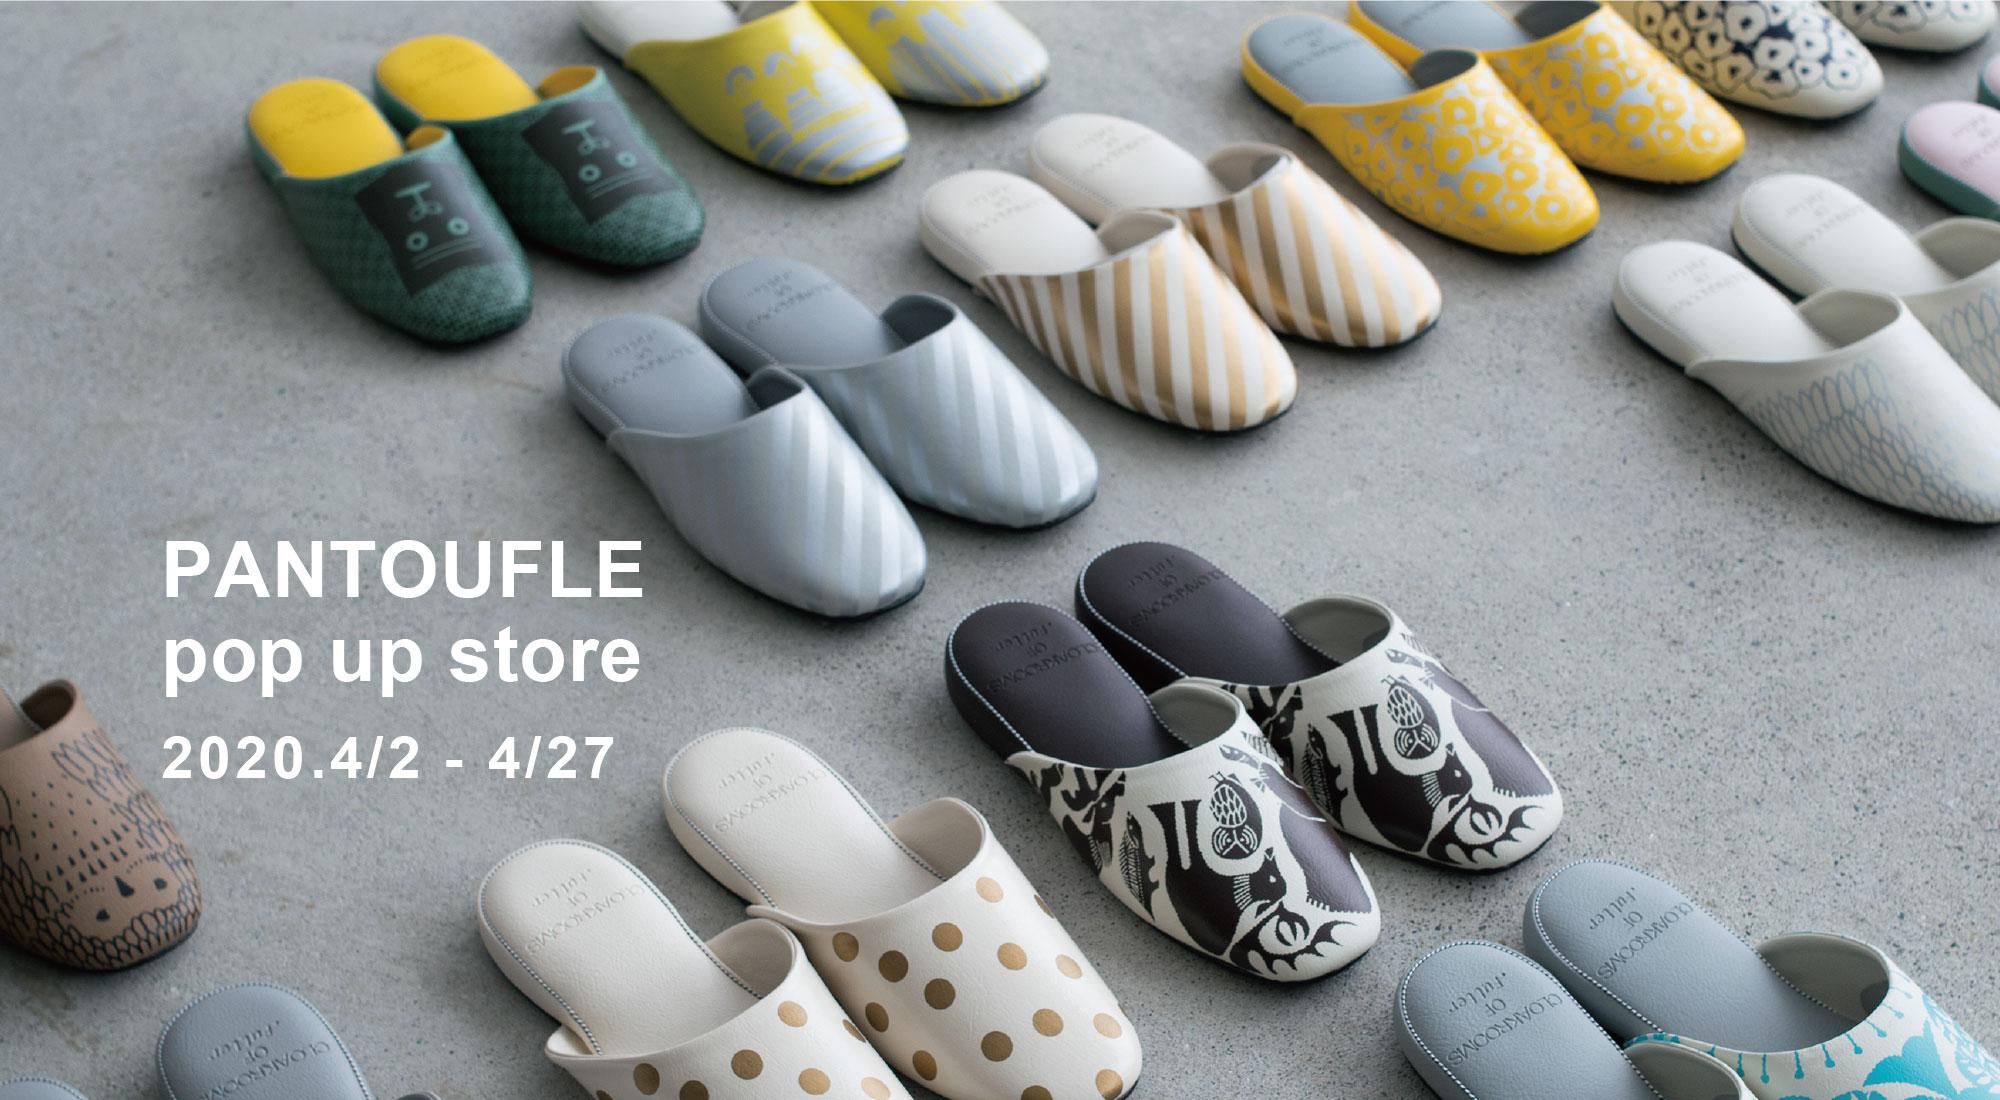 PANTOUFLE pop up store